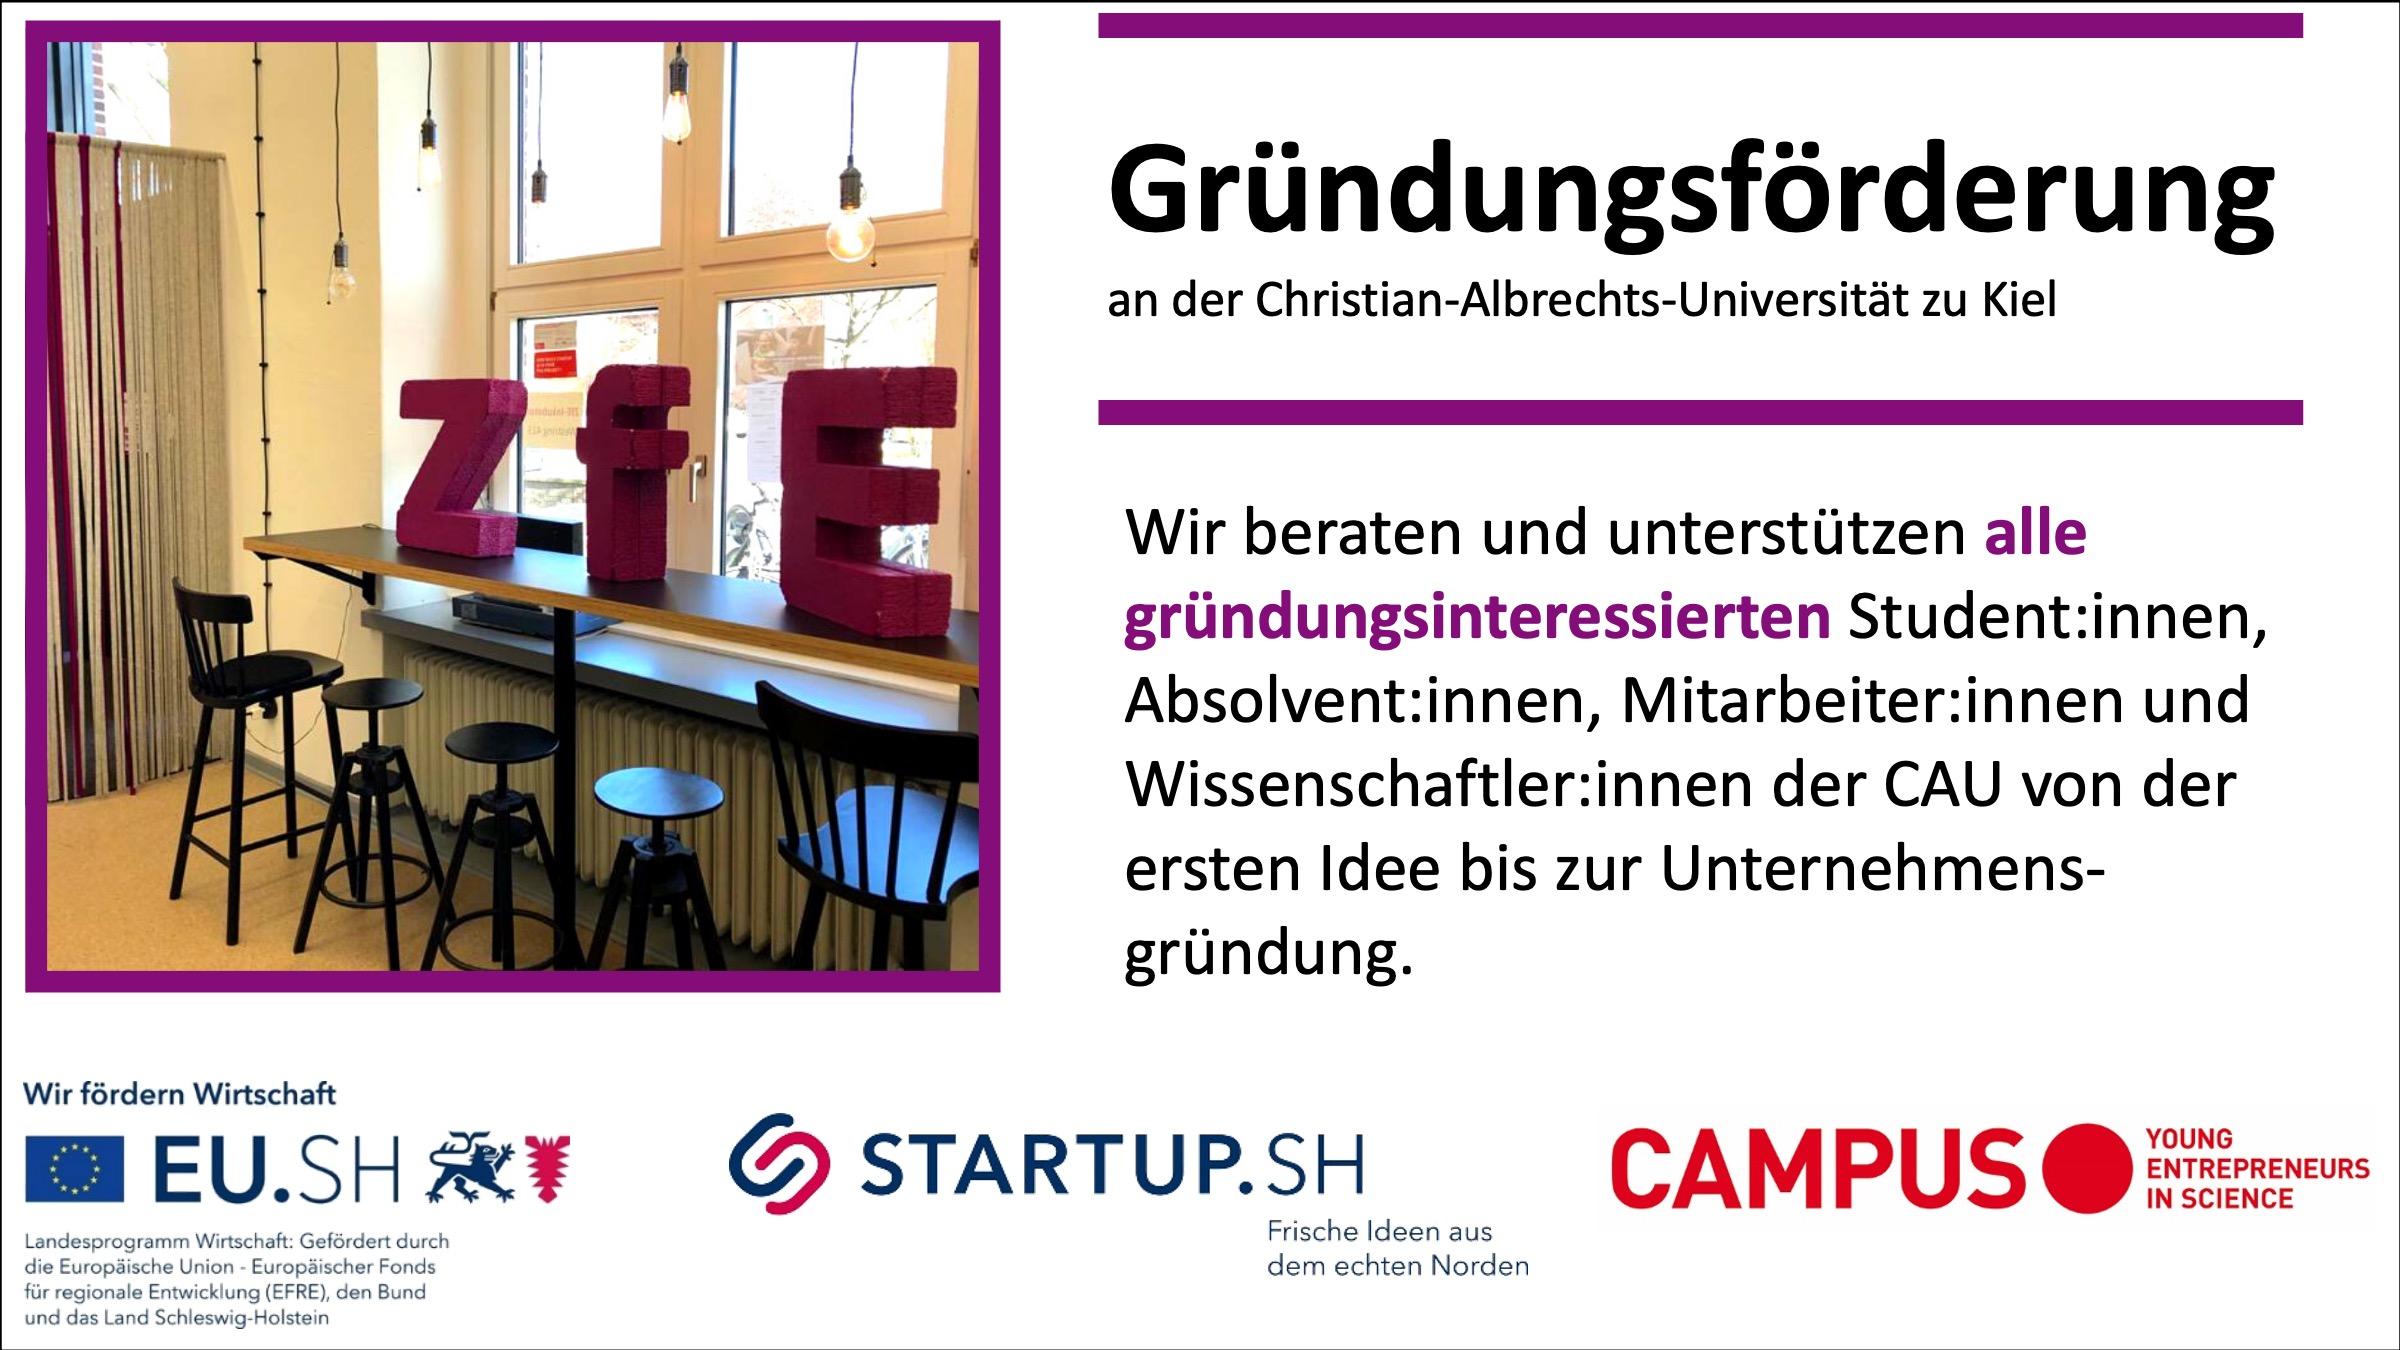 Zentrum für Entrepreneurship Startseite (Gründungsförderung an der CAU zu Kiel)